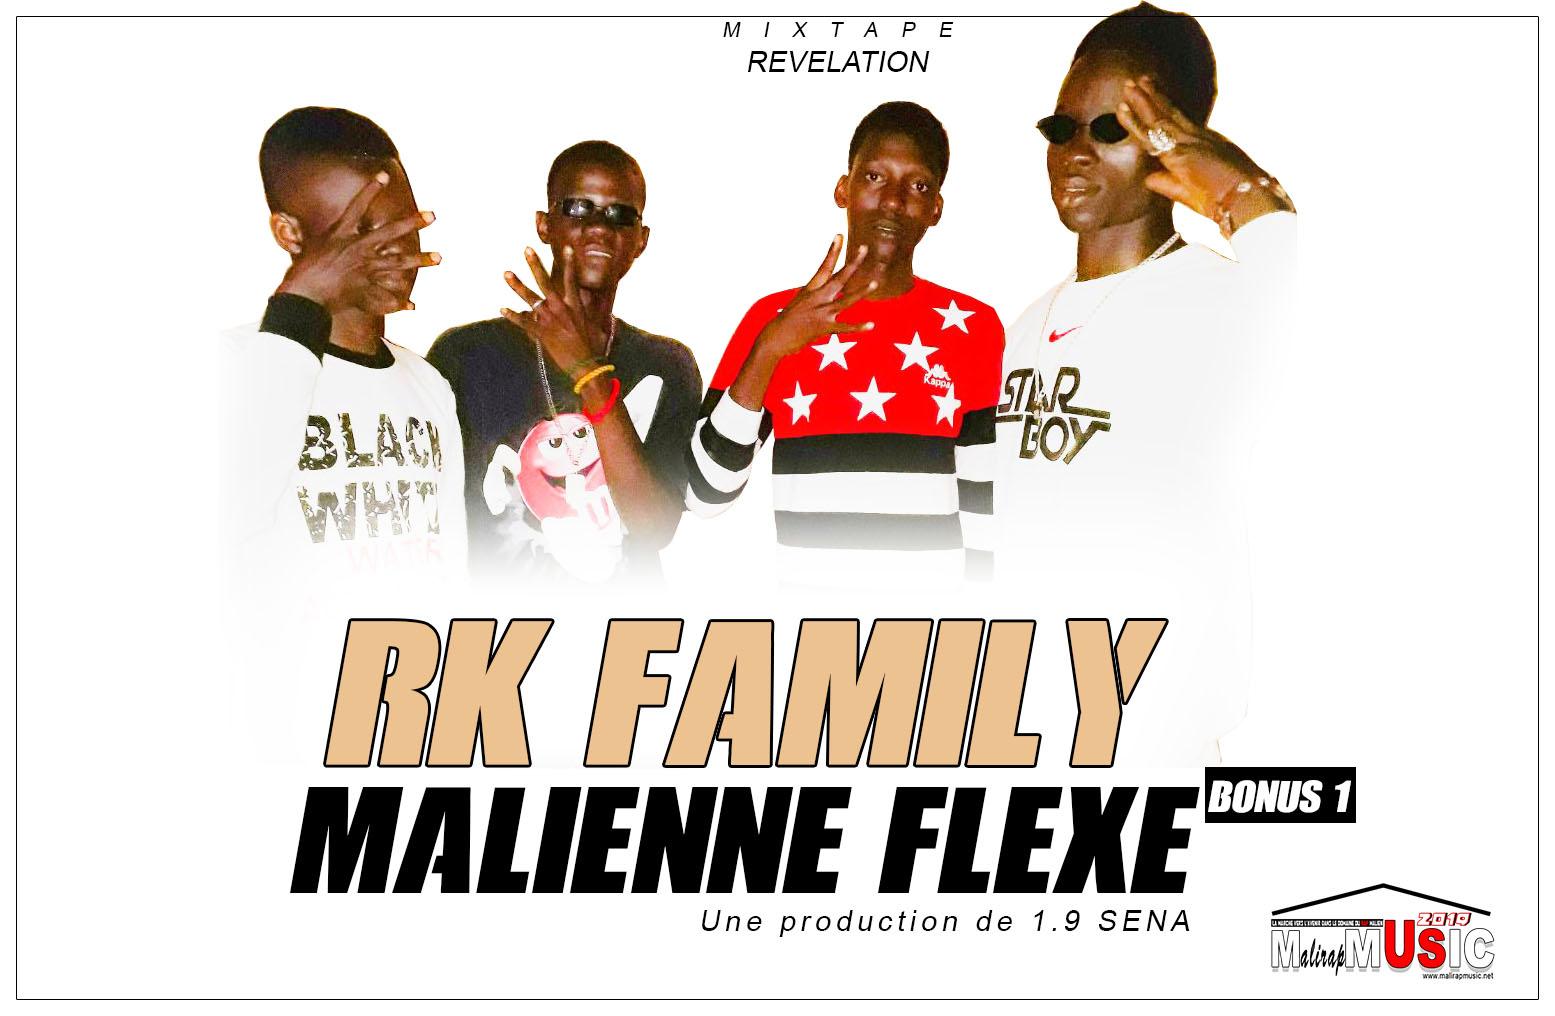 RK FAMILY – MALIENNE FLEXE (Mixtape REVELATION Bonus N°1)